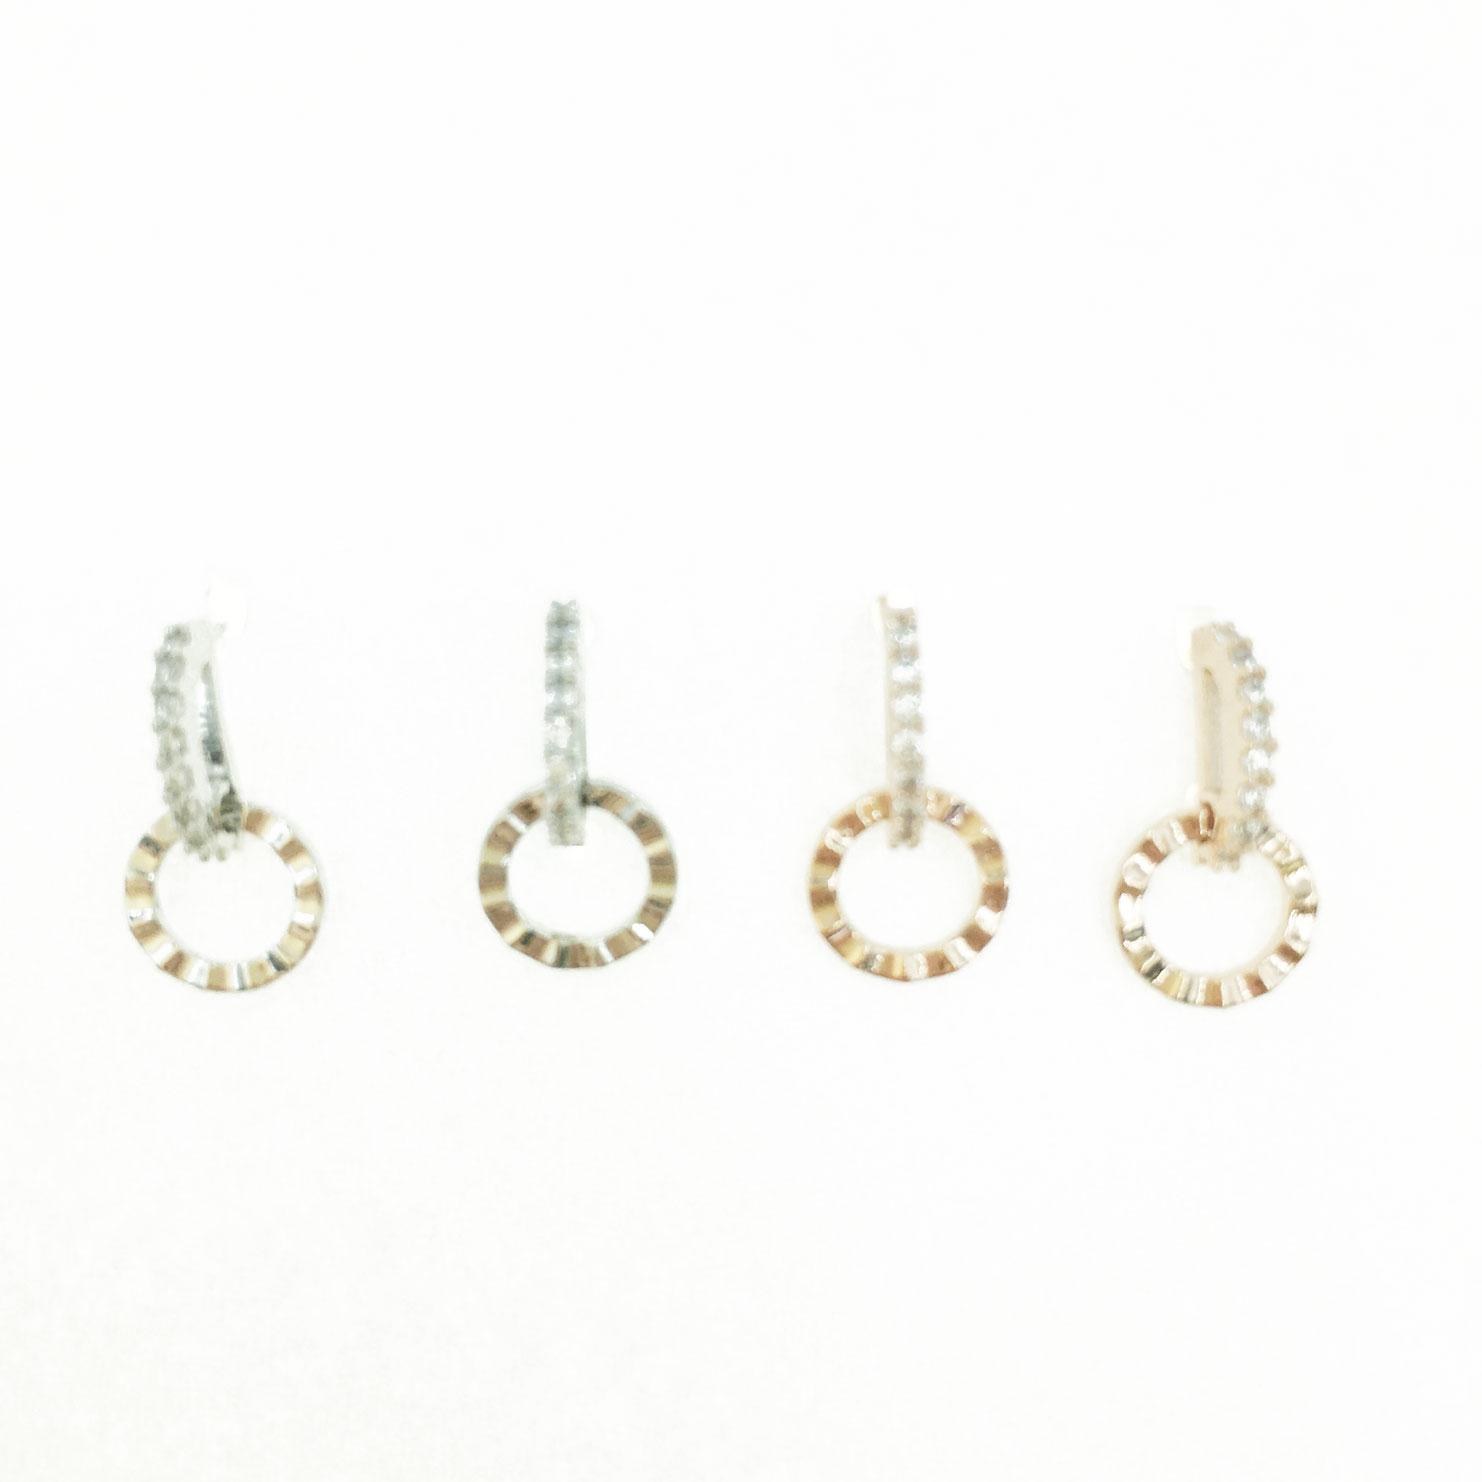 韓國 925純銀 水鑽 簍空 圓 造型 銀 玫瑰金 明星款飾品 耳針式耳環